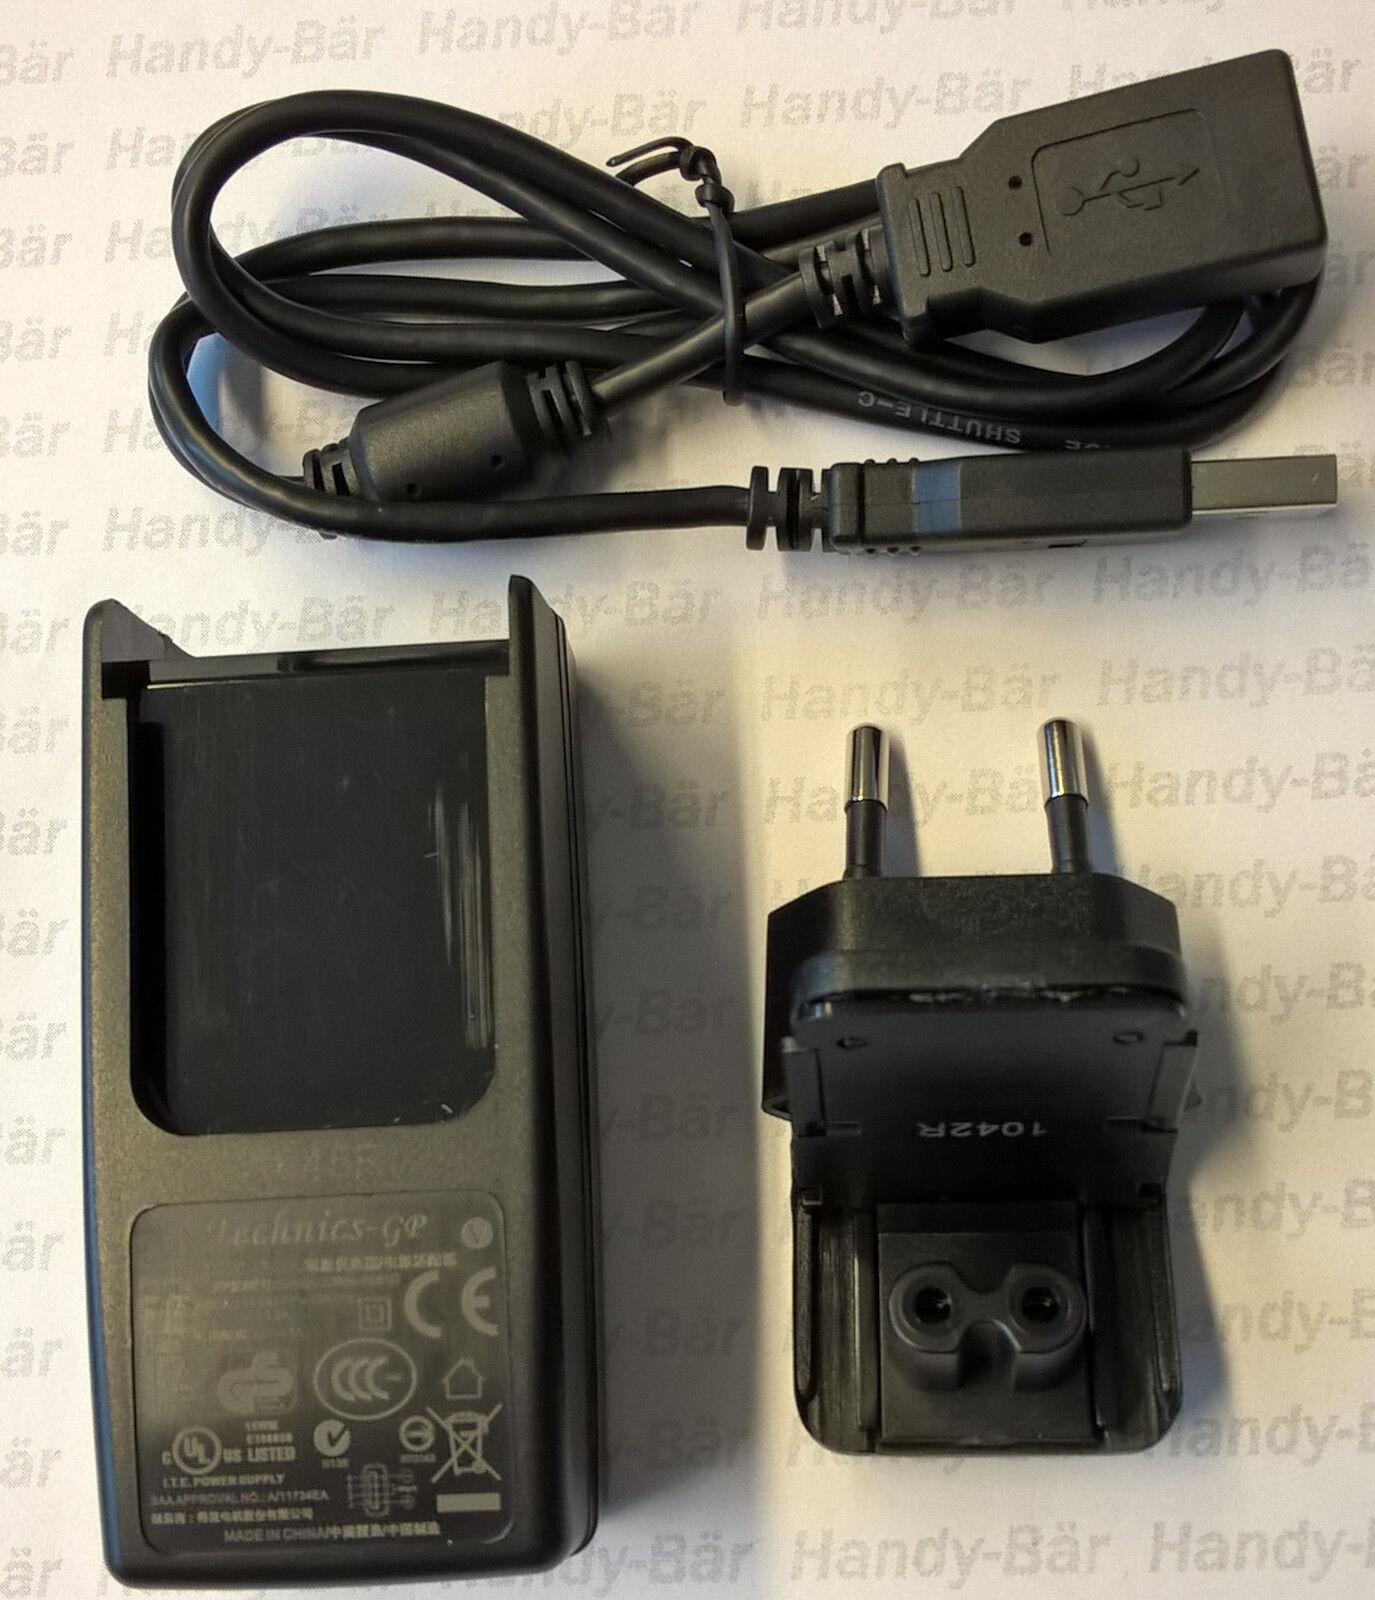 Caricabatteria 1045R completo per GE Imaging Tascabile Videocamera Subacqueo